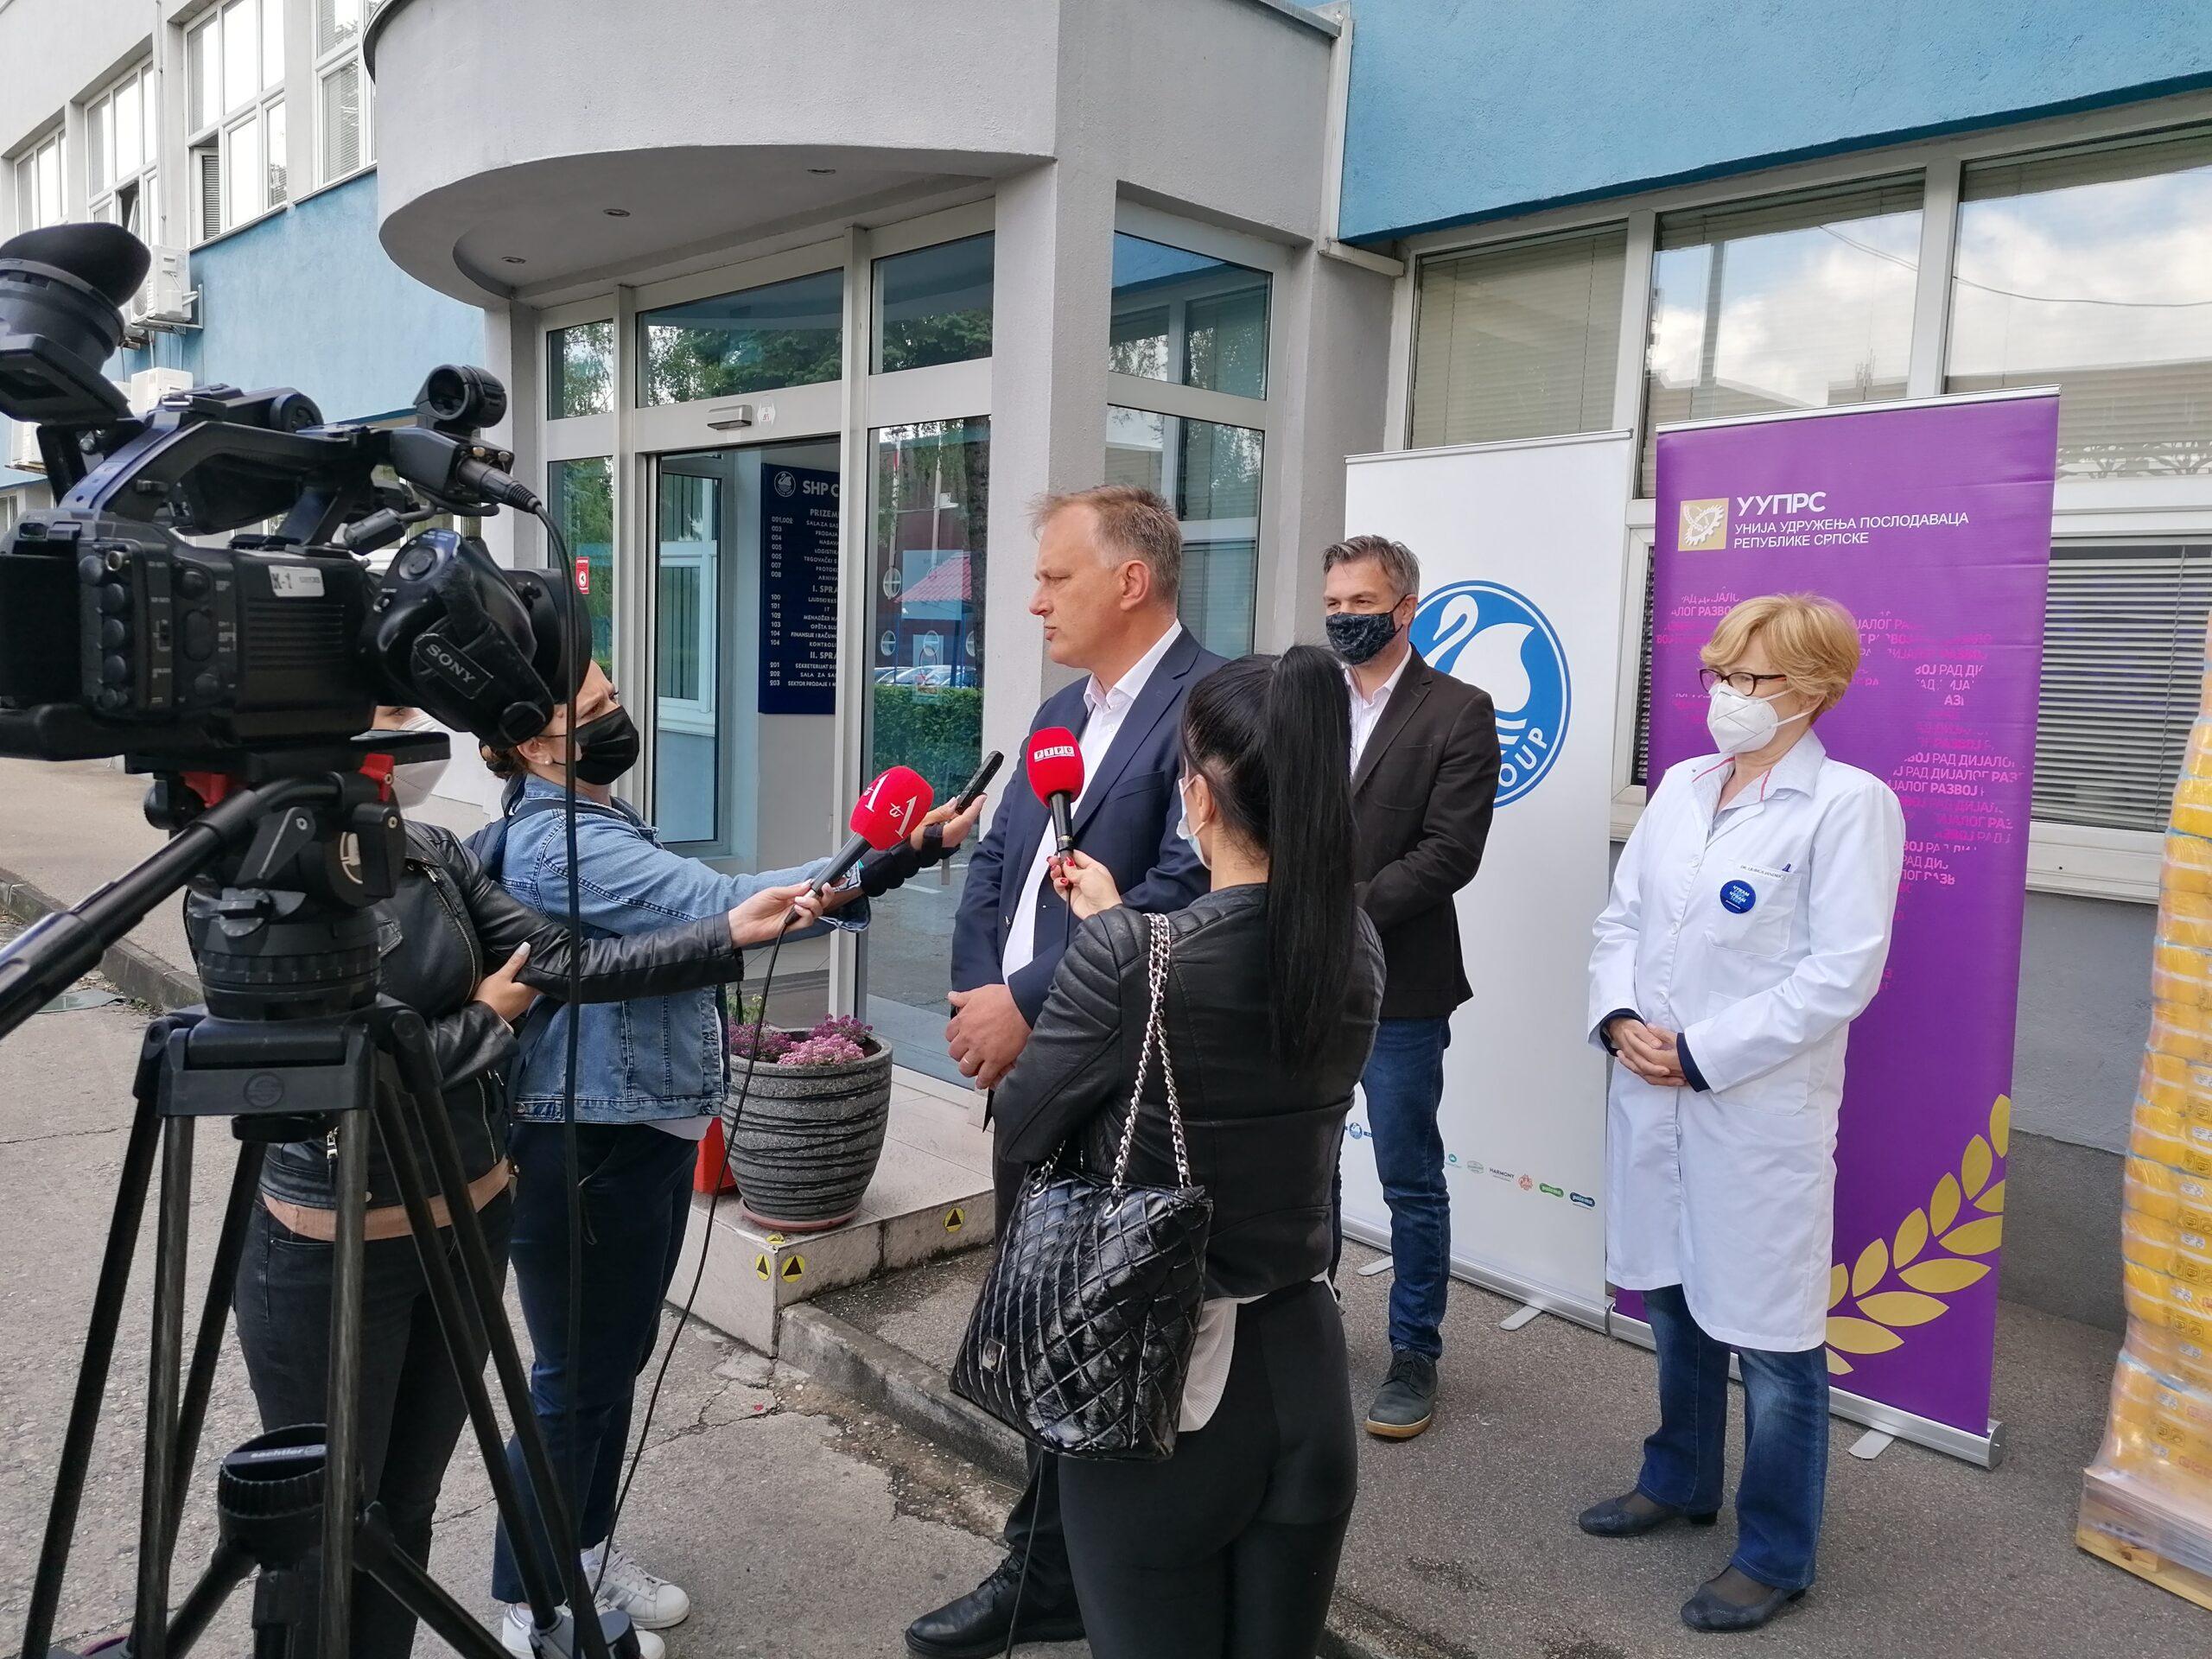 Počela vakcinacija radnika u realnom sektoru: Vakcinisano 50 radnika SHP Celex ad Banja Luka